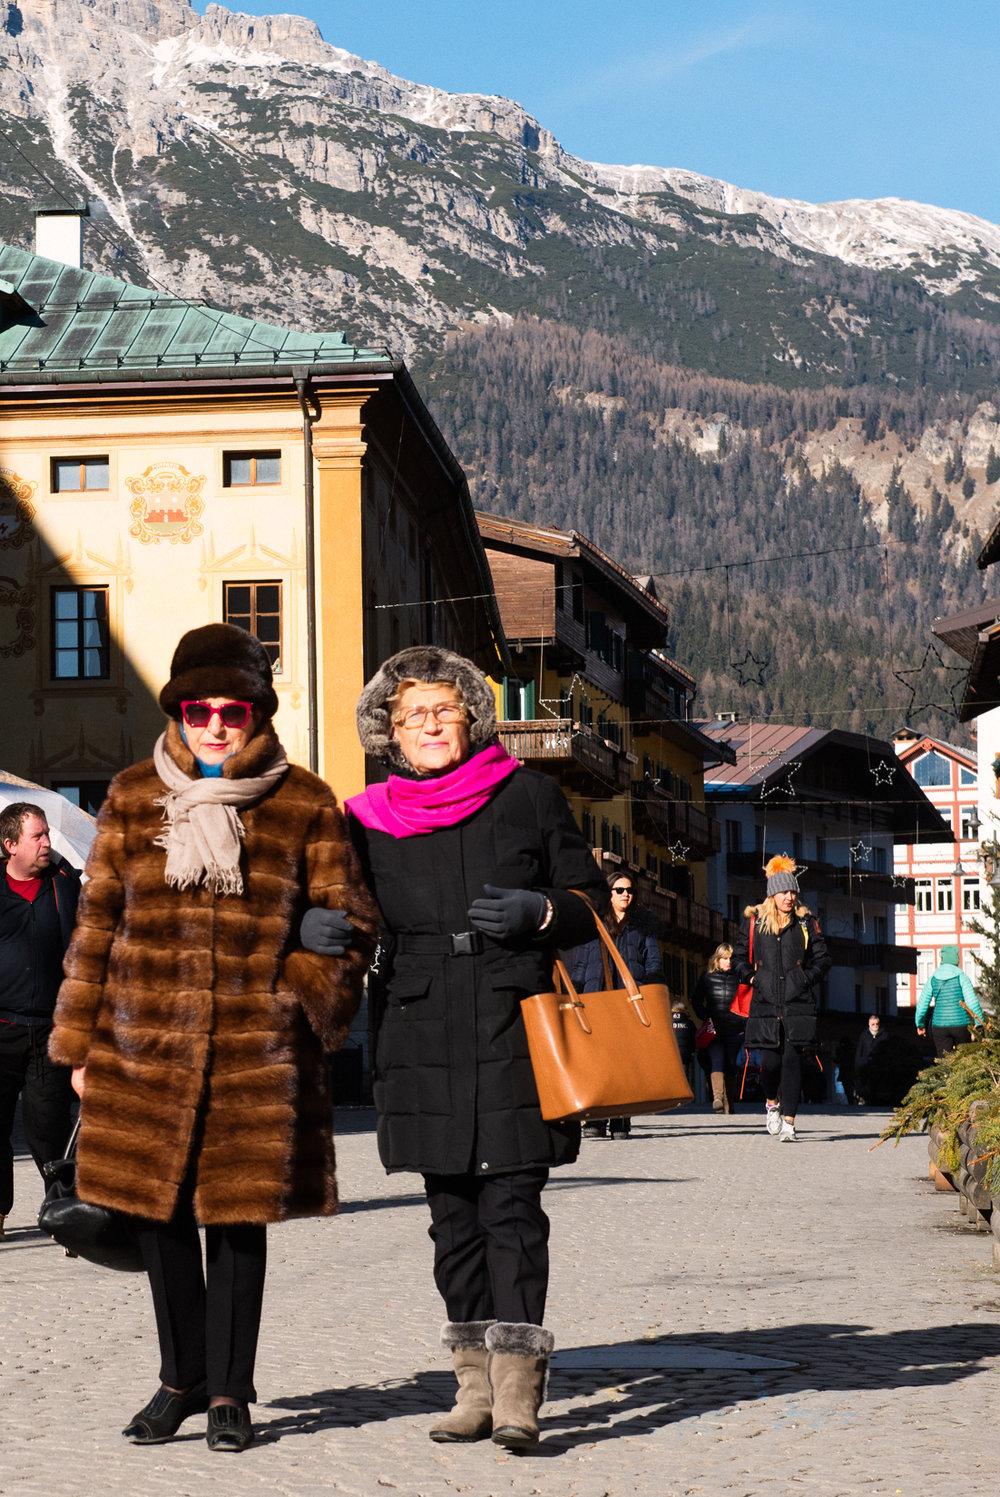 Cortina-20133.jpg